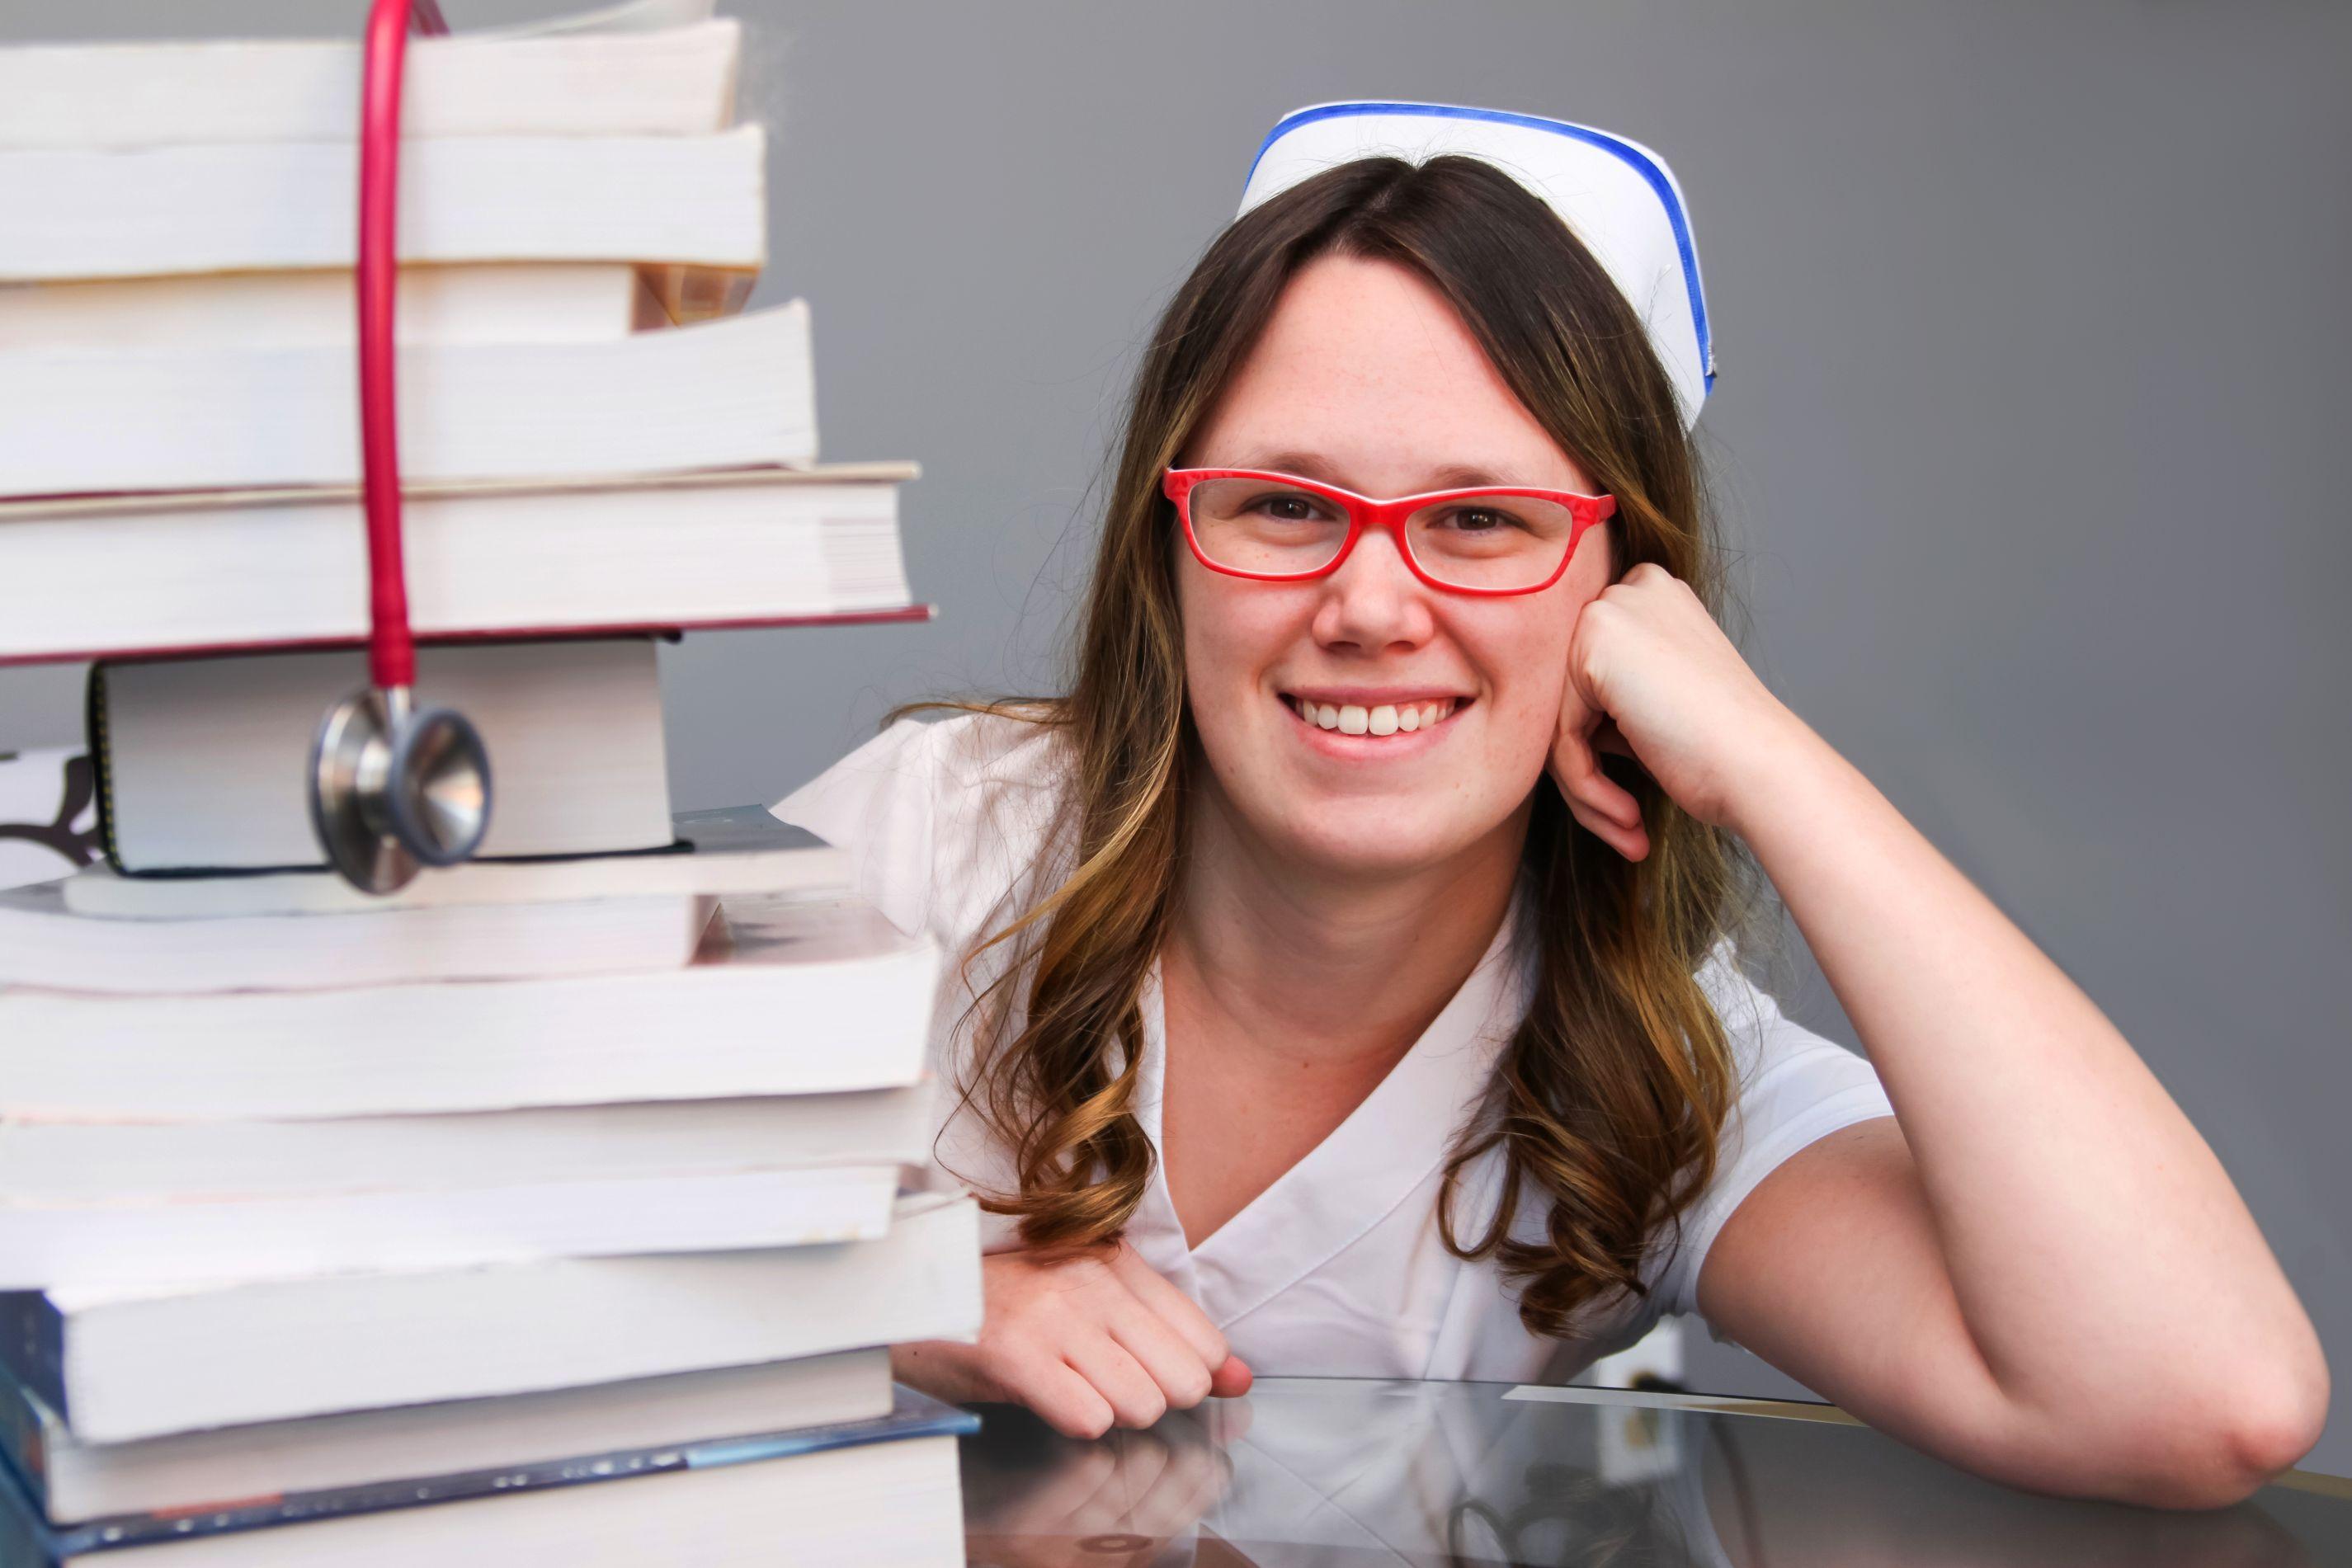 Zawód pielęgniarki uzyskał 89 proc. deklaracji dużego szacunku w rankingu CBOS (fot. shutterstock)